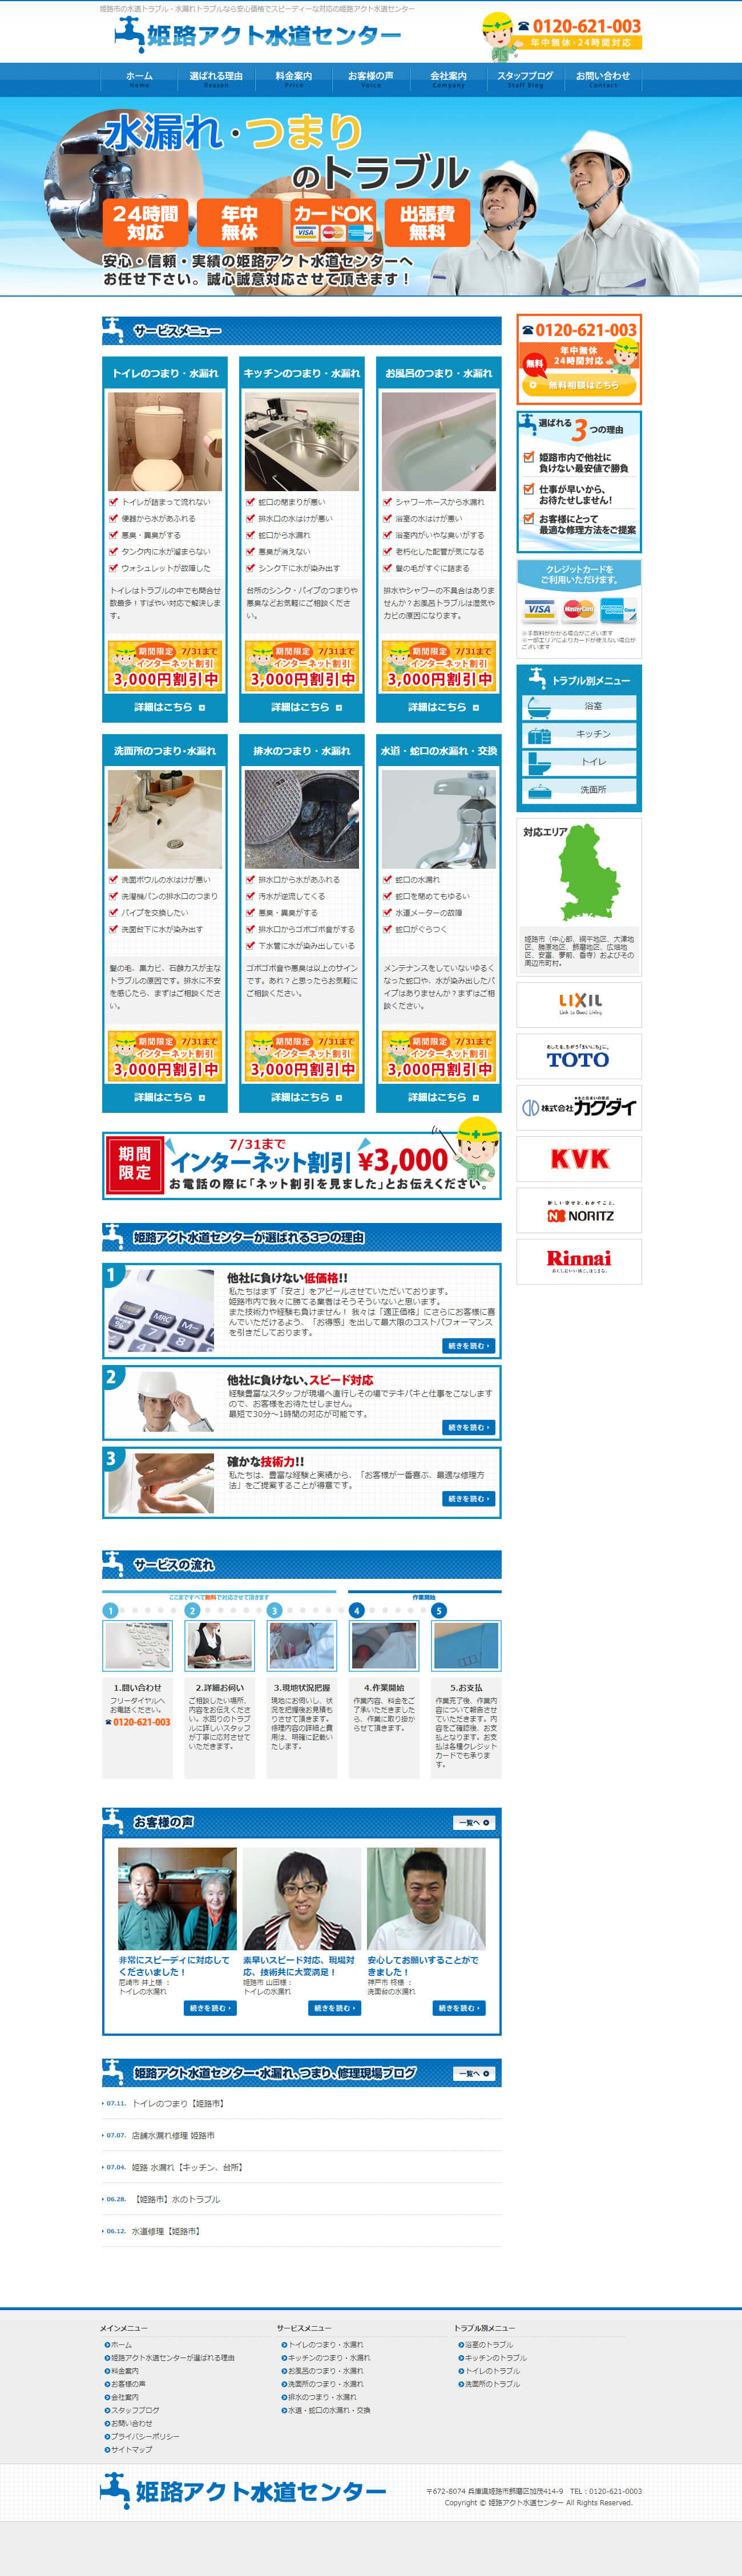 姫路市 株式会社ライフテックサービス様 姫路アクト水道センターホームページ制作1